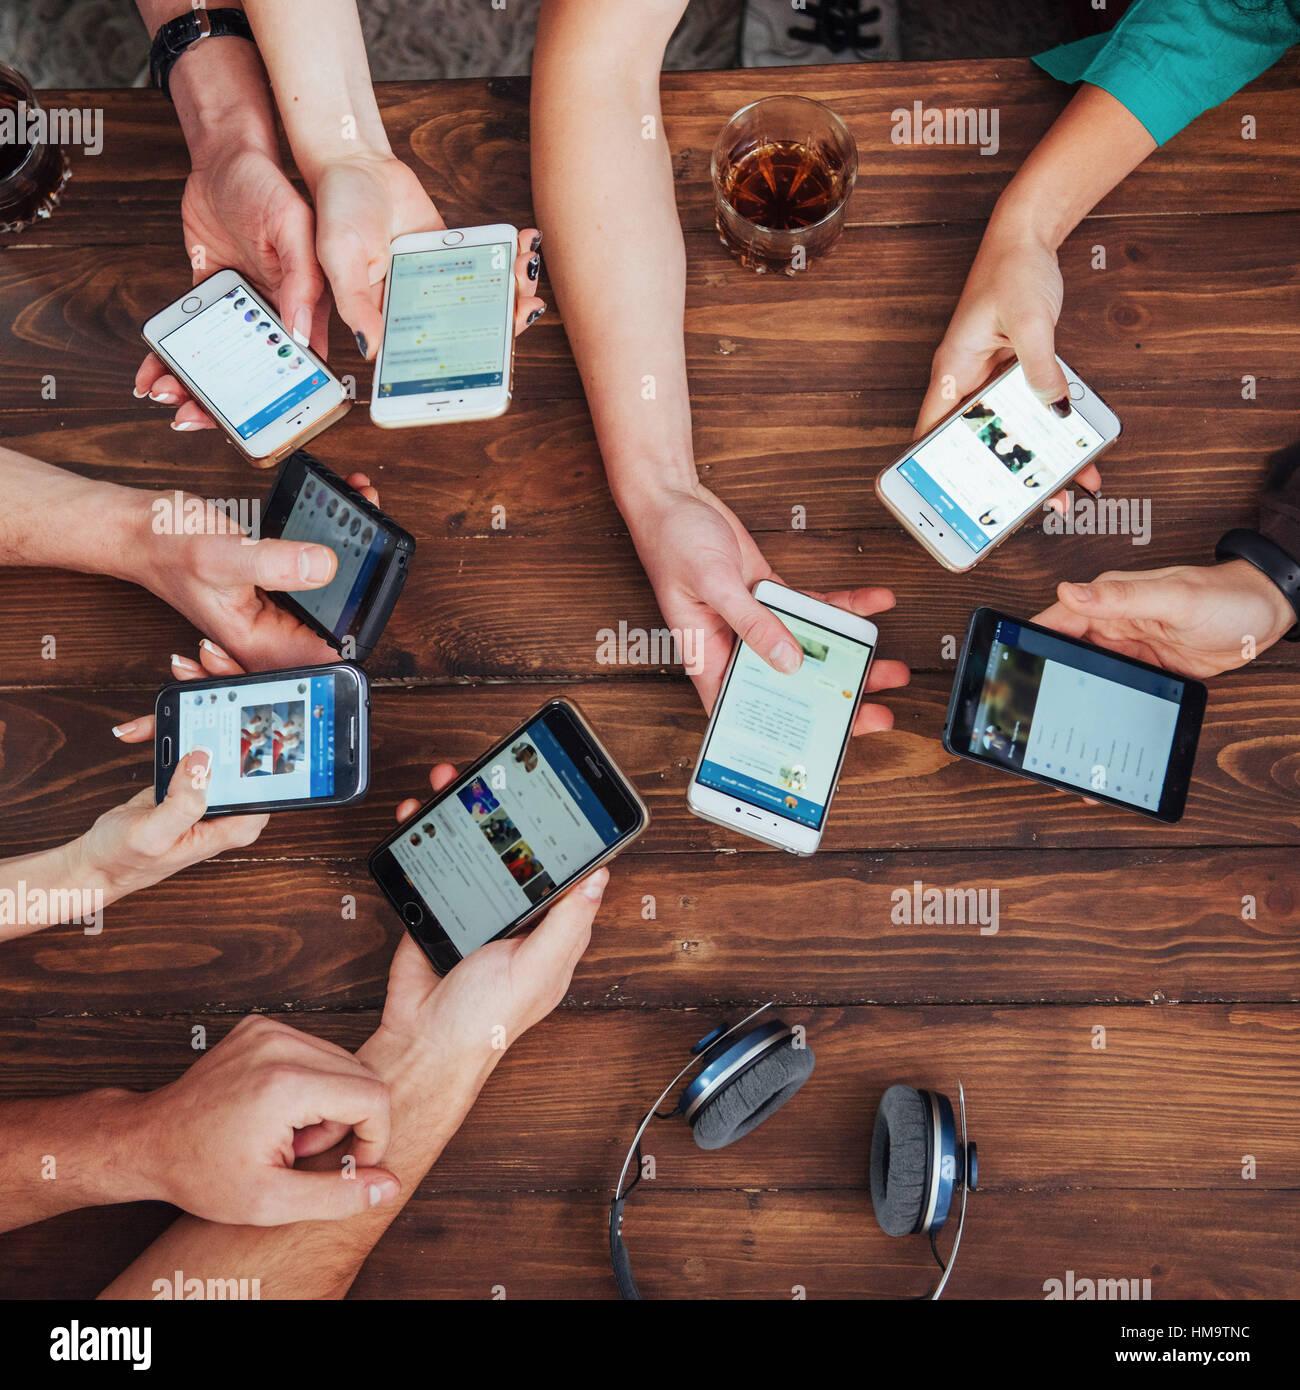 Vista superior del círculo de manos utilizando el teléfono en cafe - amigos multirracial adicto móvil Imagen De Stock